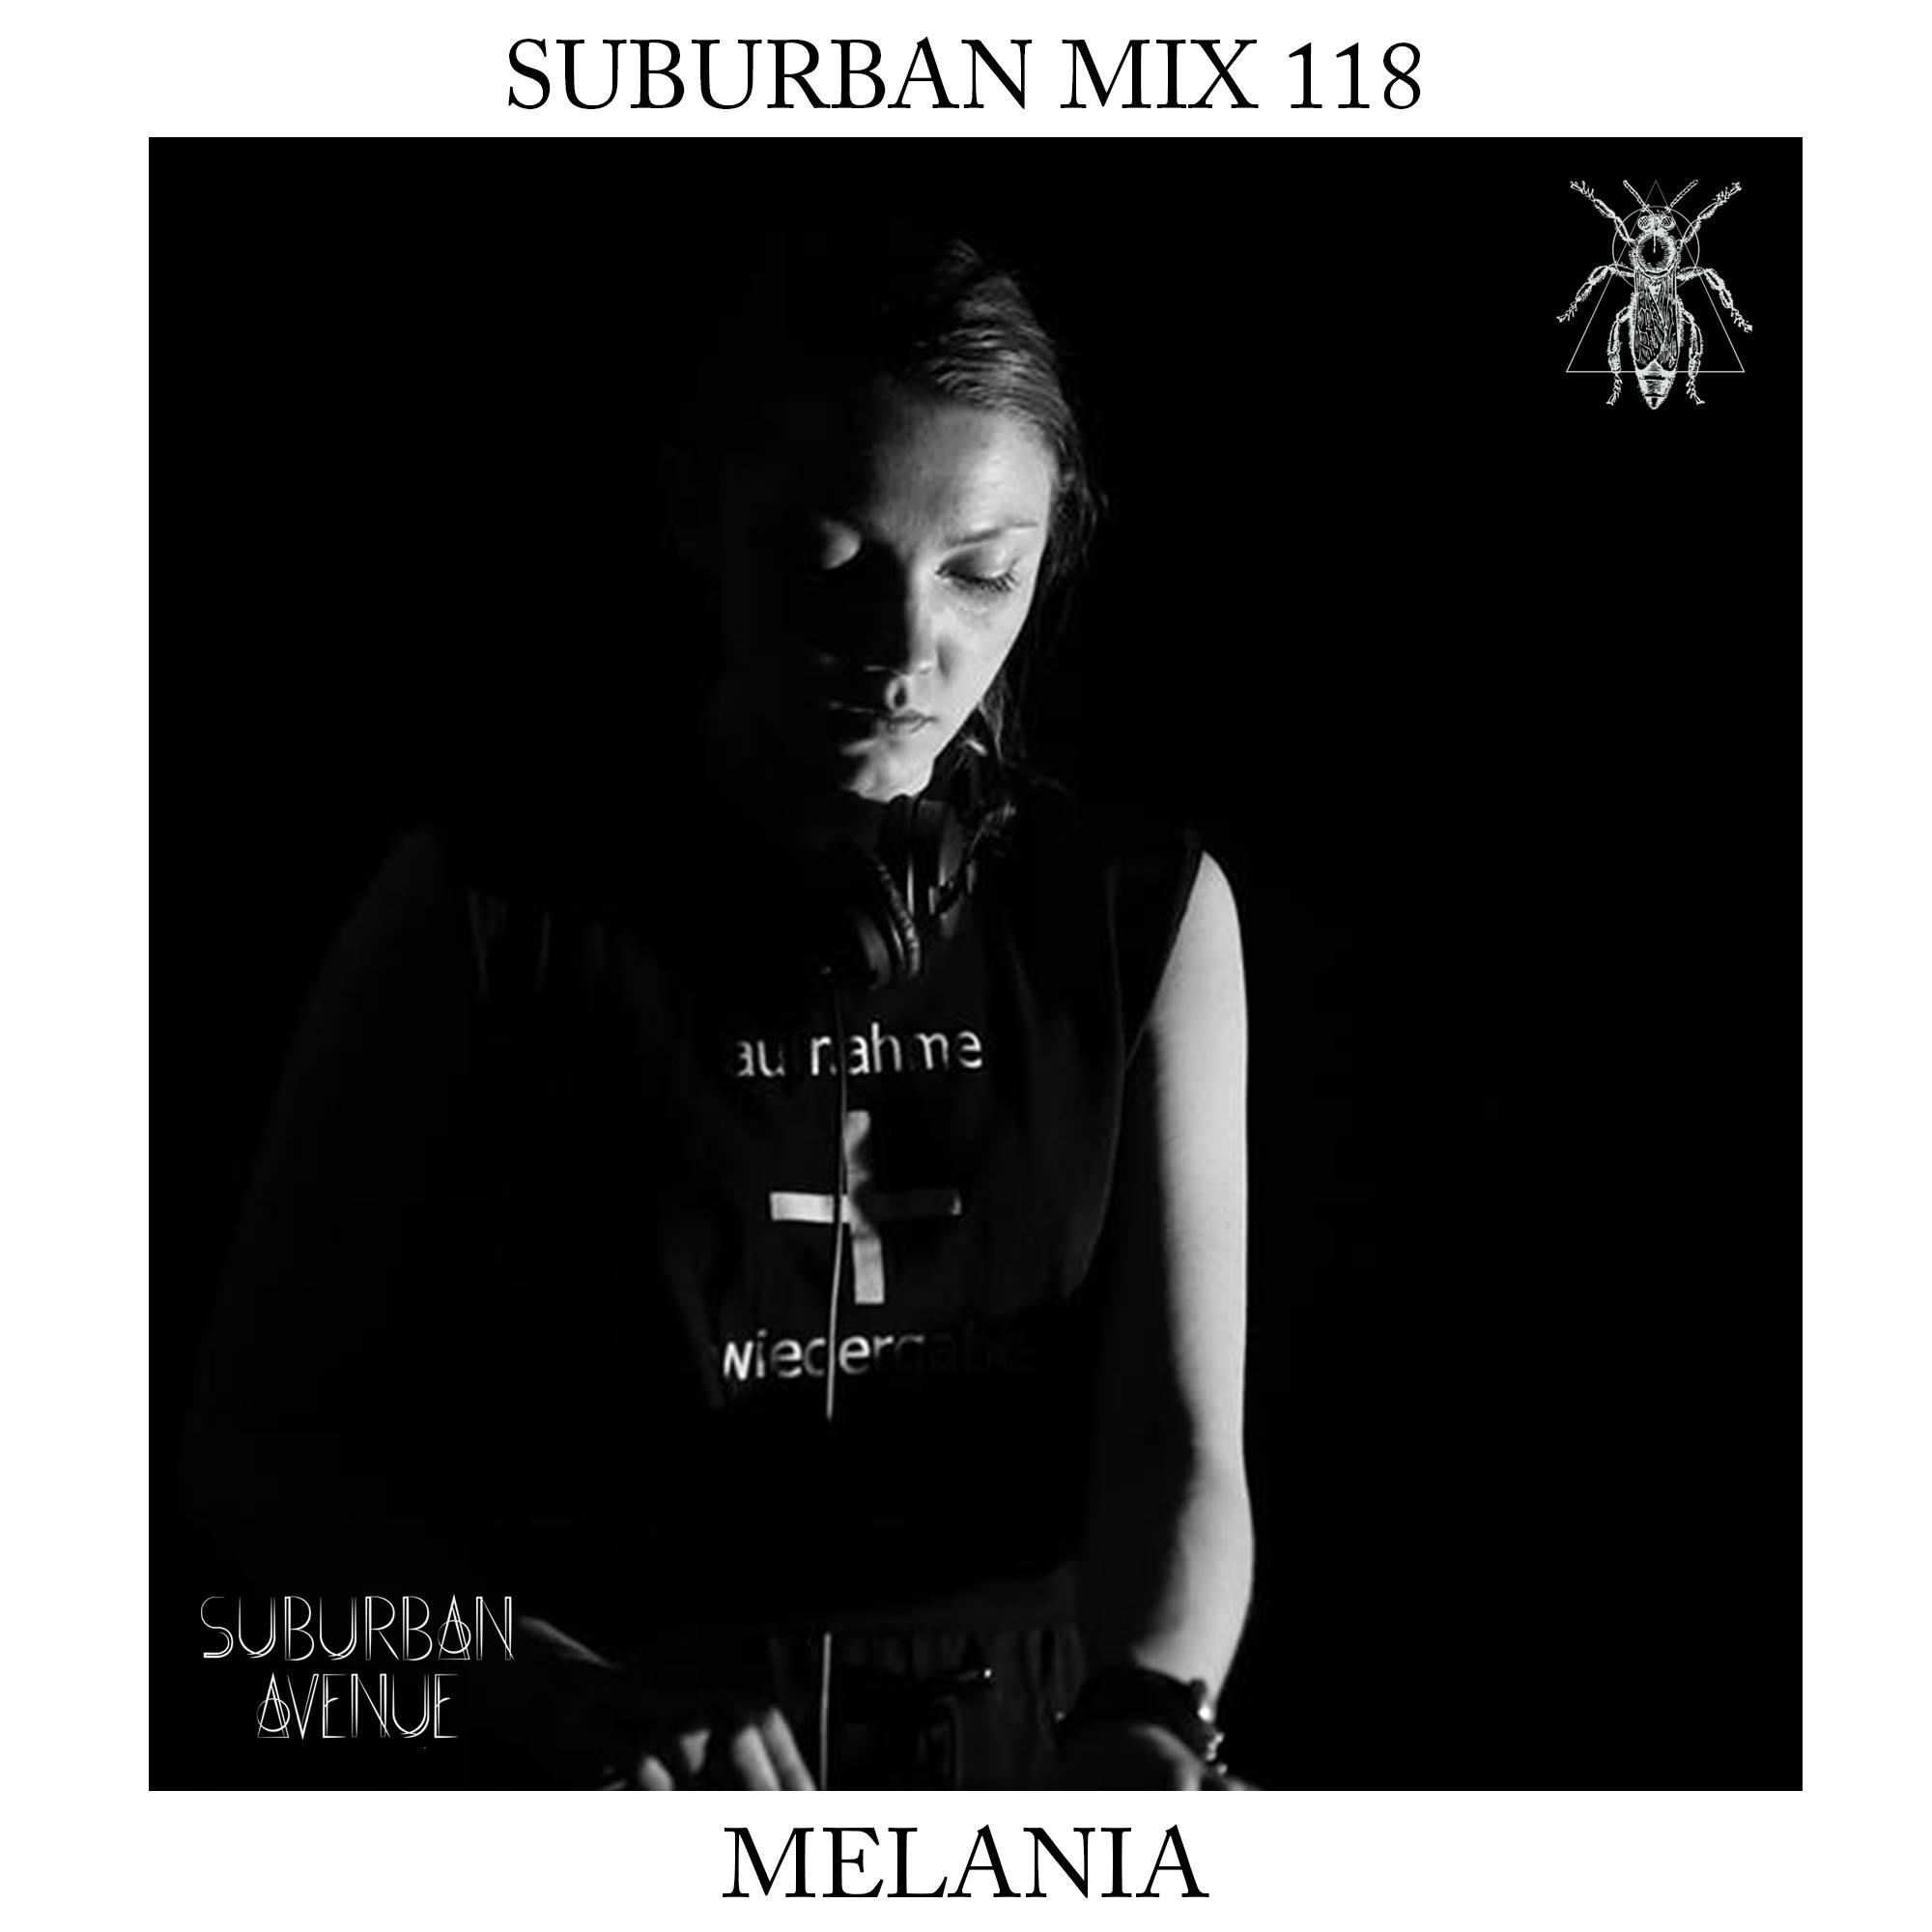 Suburban Mix 118 - Melania